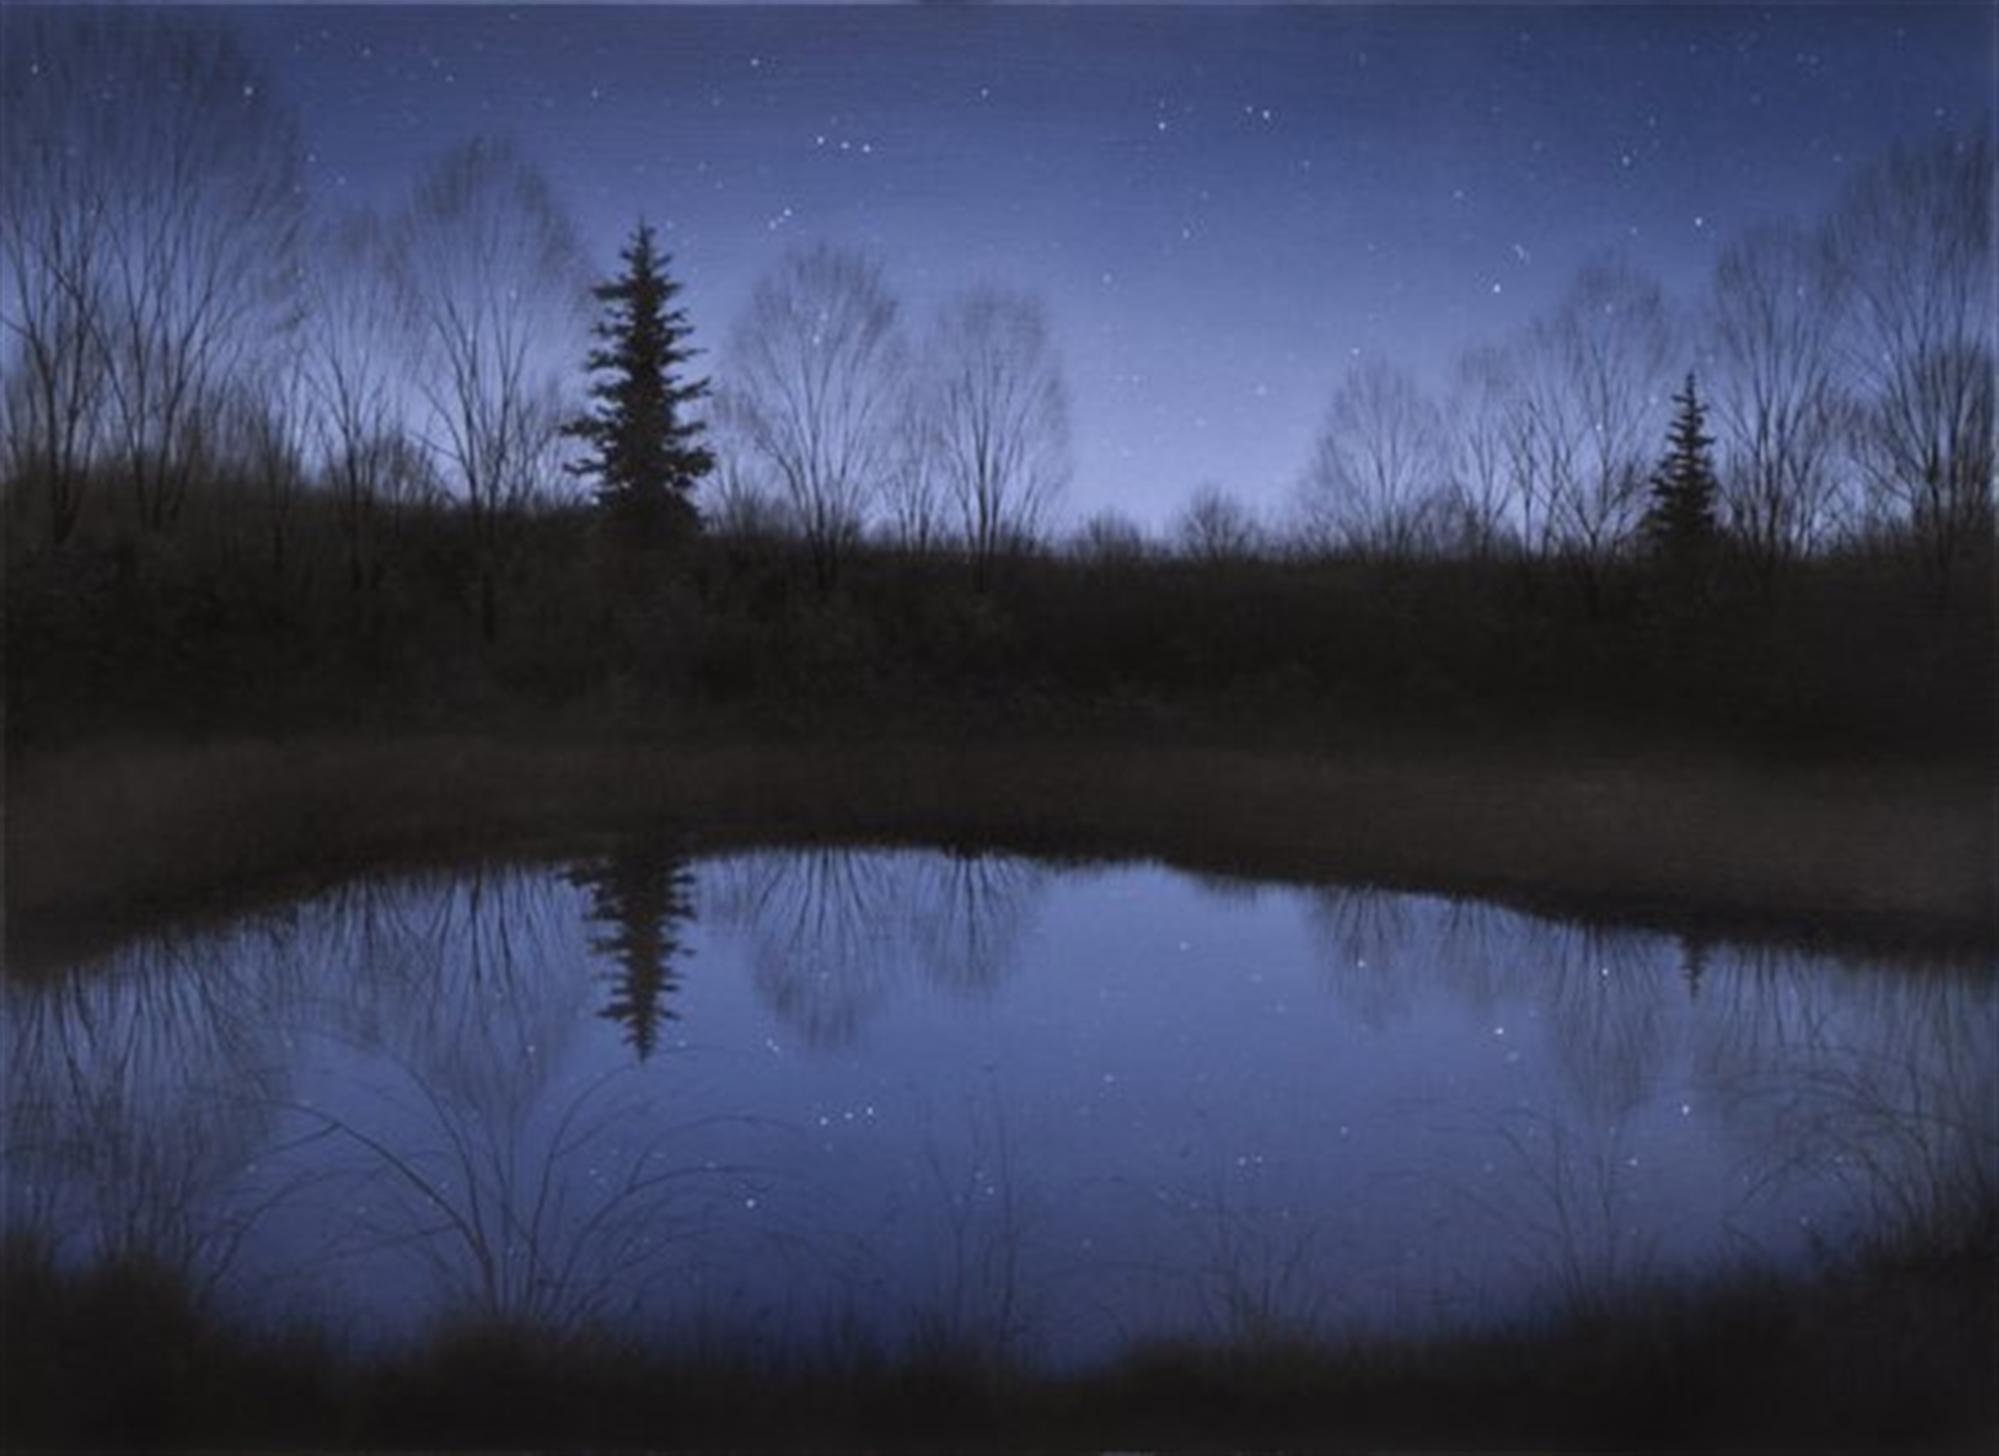 Starry Pond by Alexander Volkov